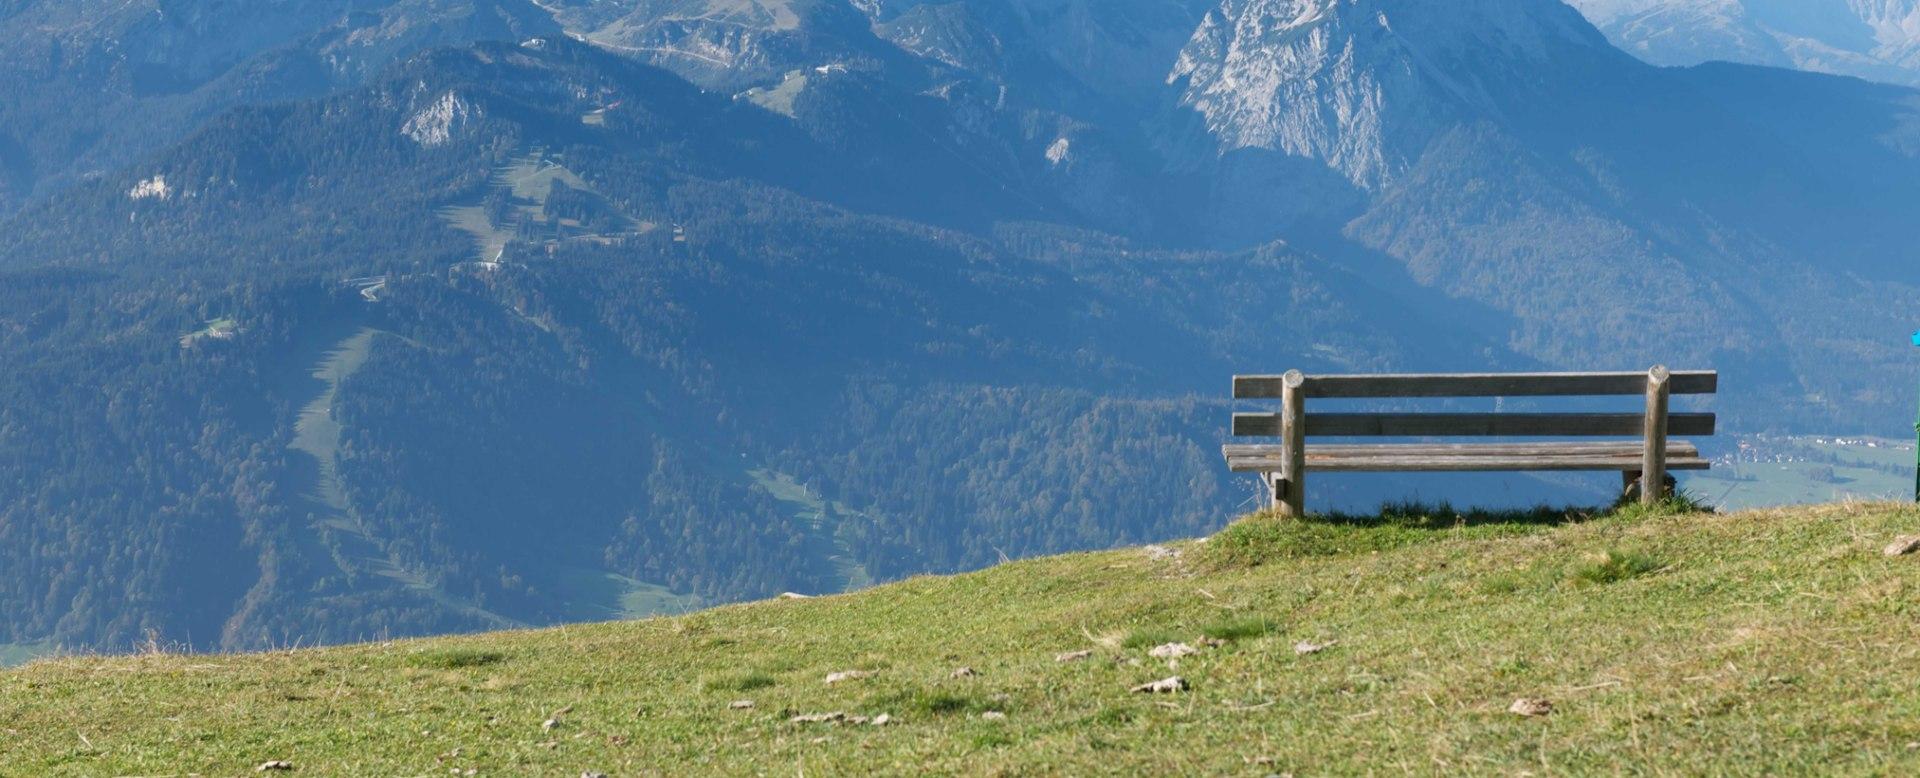 Wank mit Aussicht auf Zugspitzmassiv, © Bayerische Zugspitzbahn Bergbahn AG